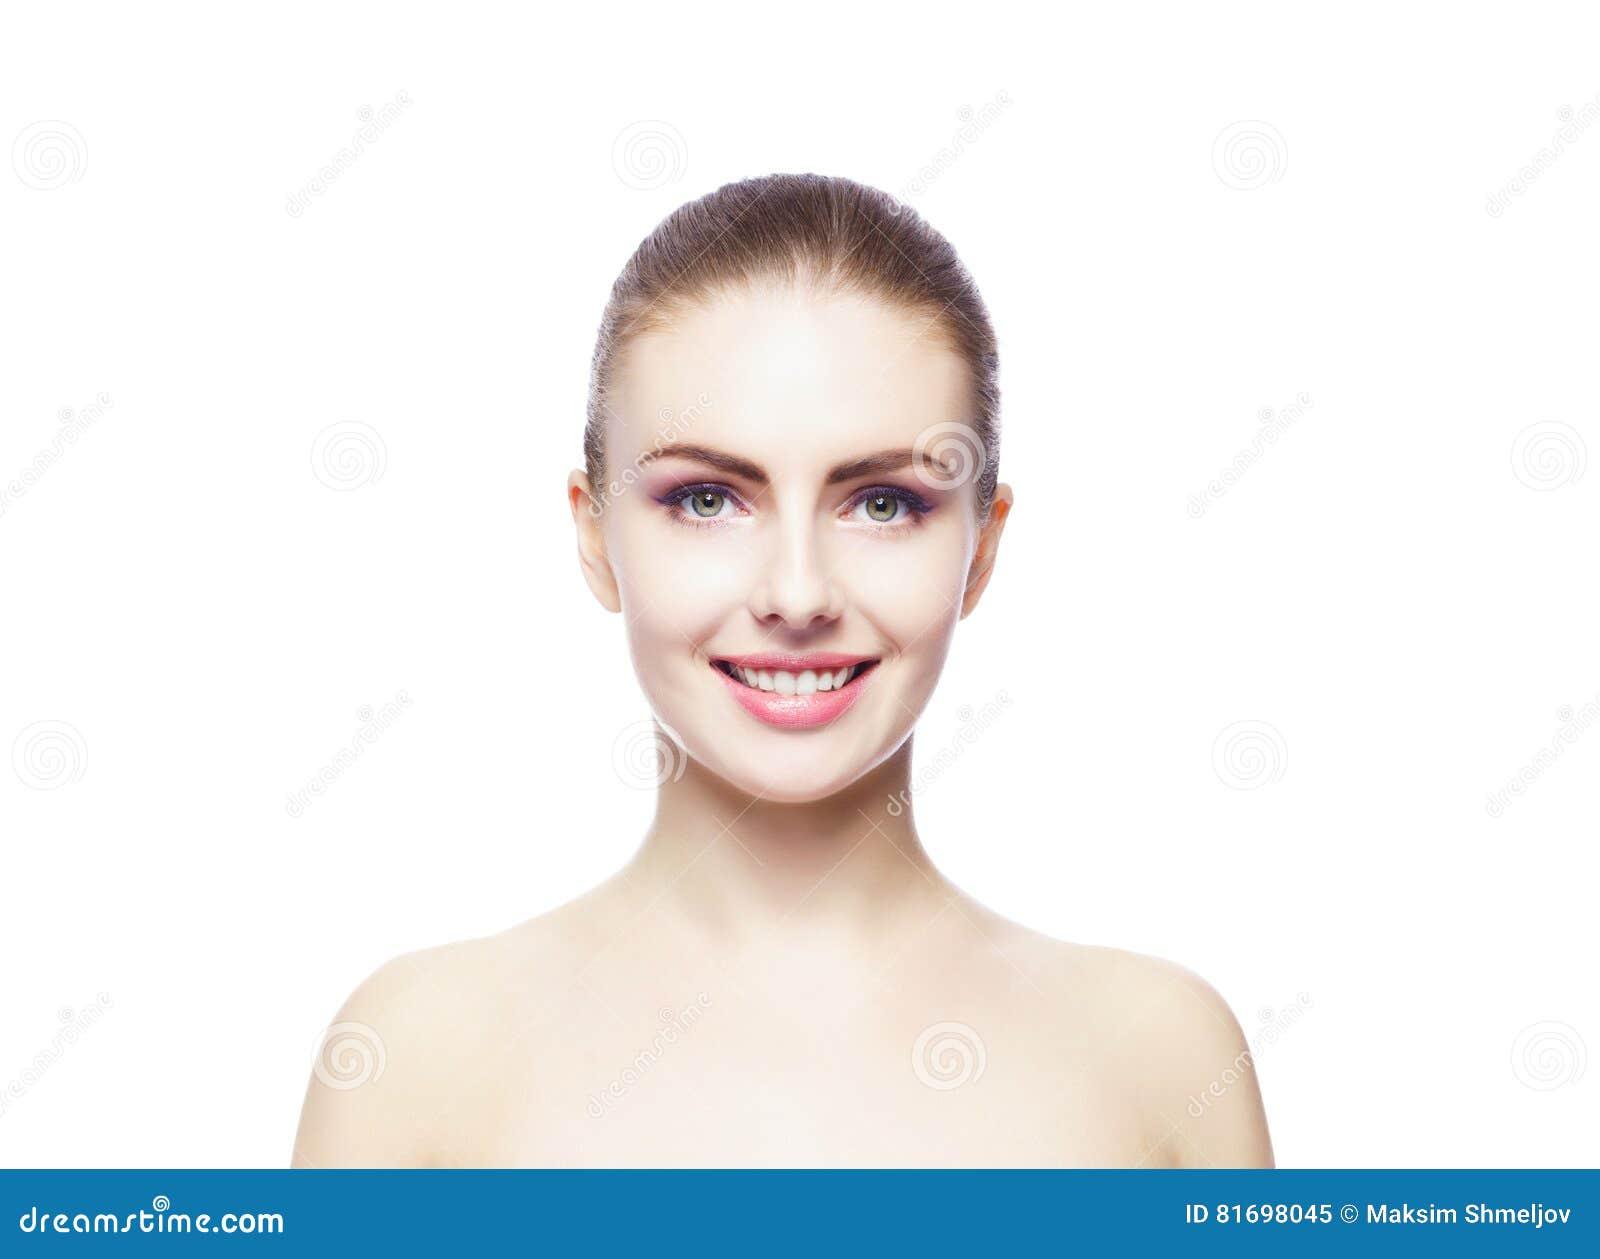 Ritratto di bellezza di una giovane donna su bianco